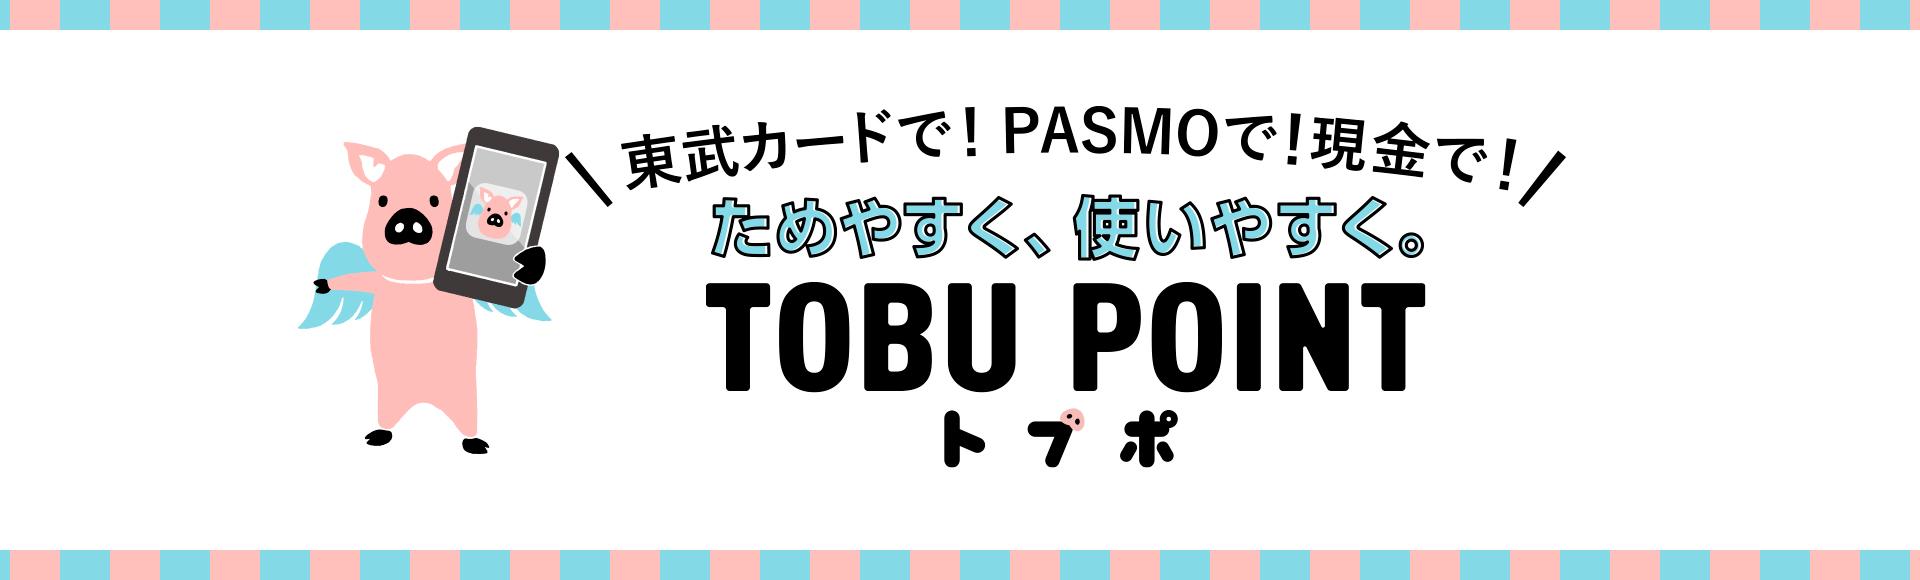 東武 カード 解約